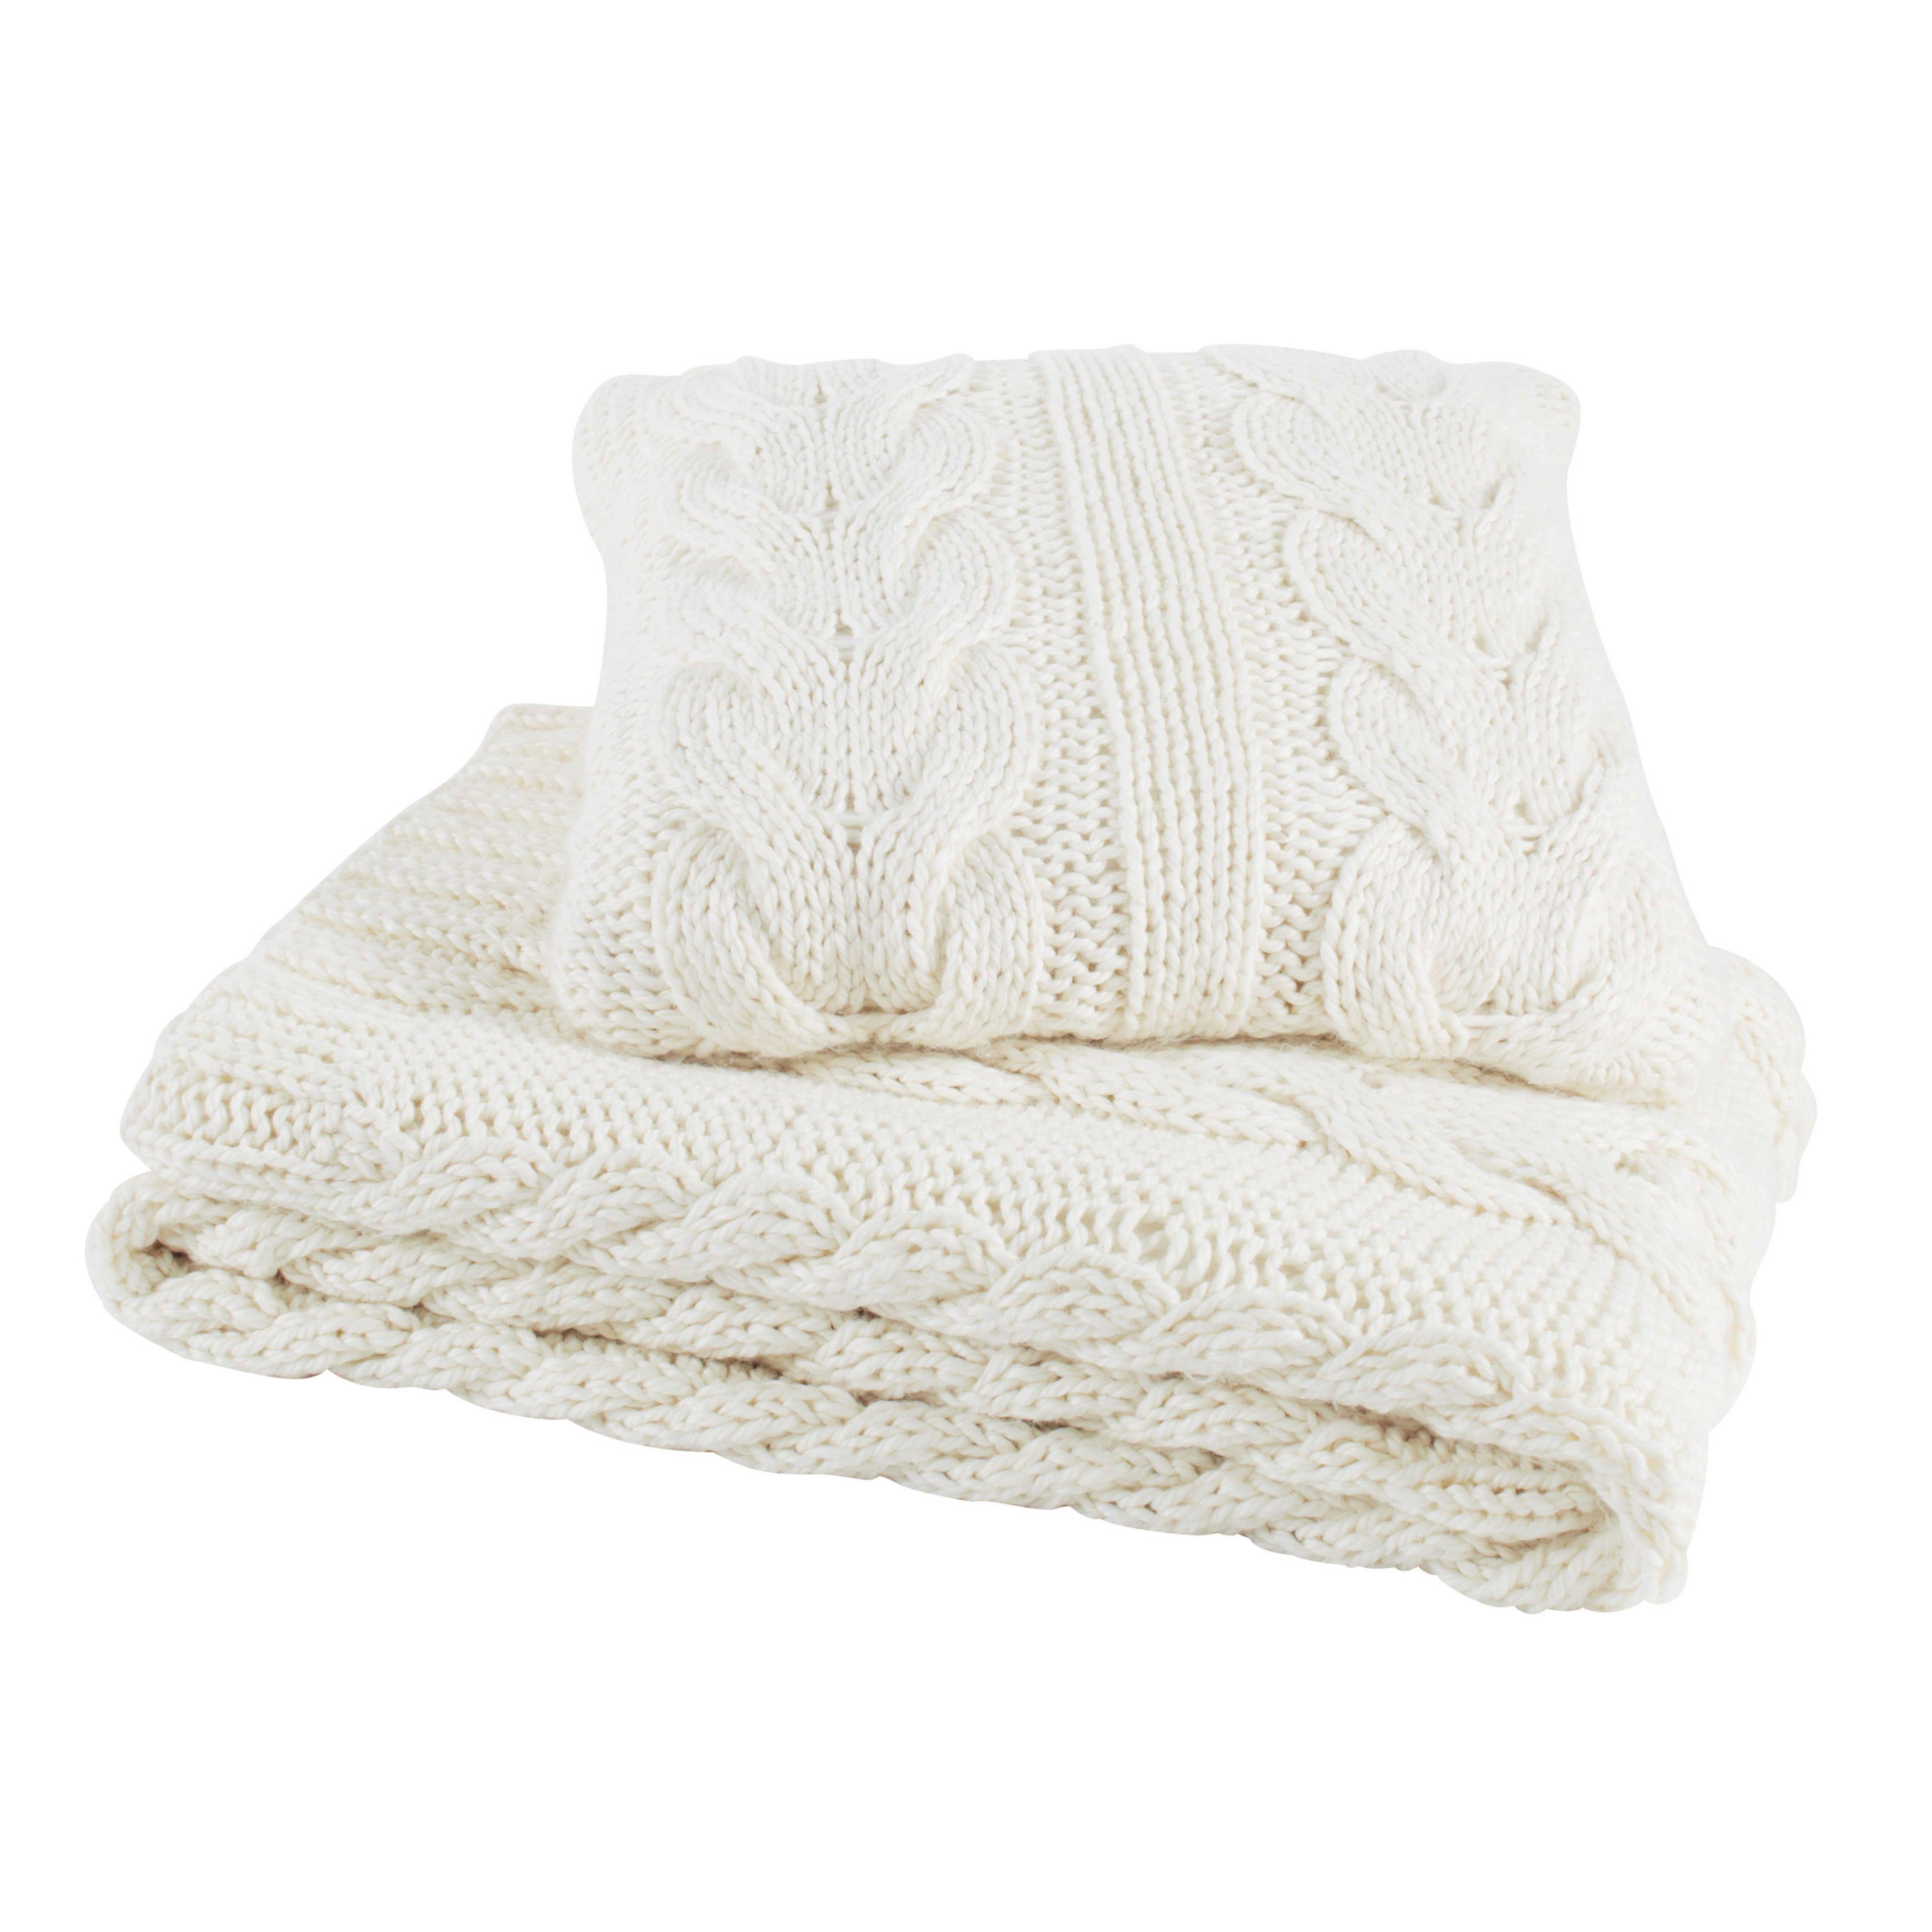 Coussin tricot en tissu blanc cass 50 x 50 cm oslo maisons du monde d coration int rieur - Maison du tissu ...